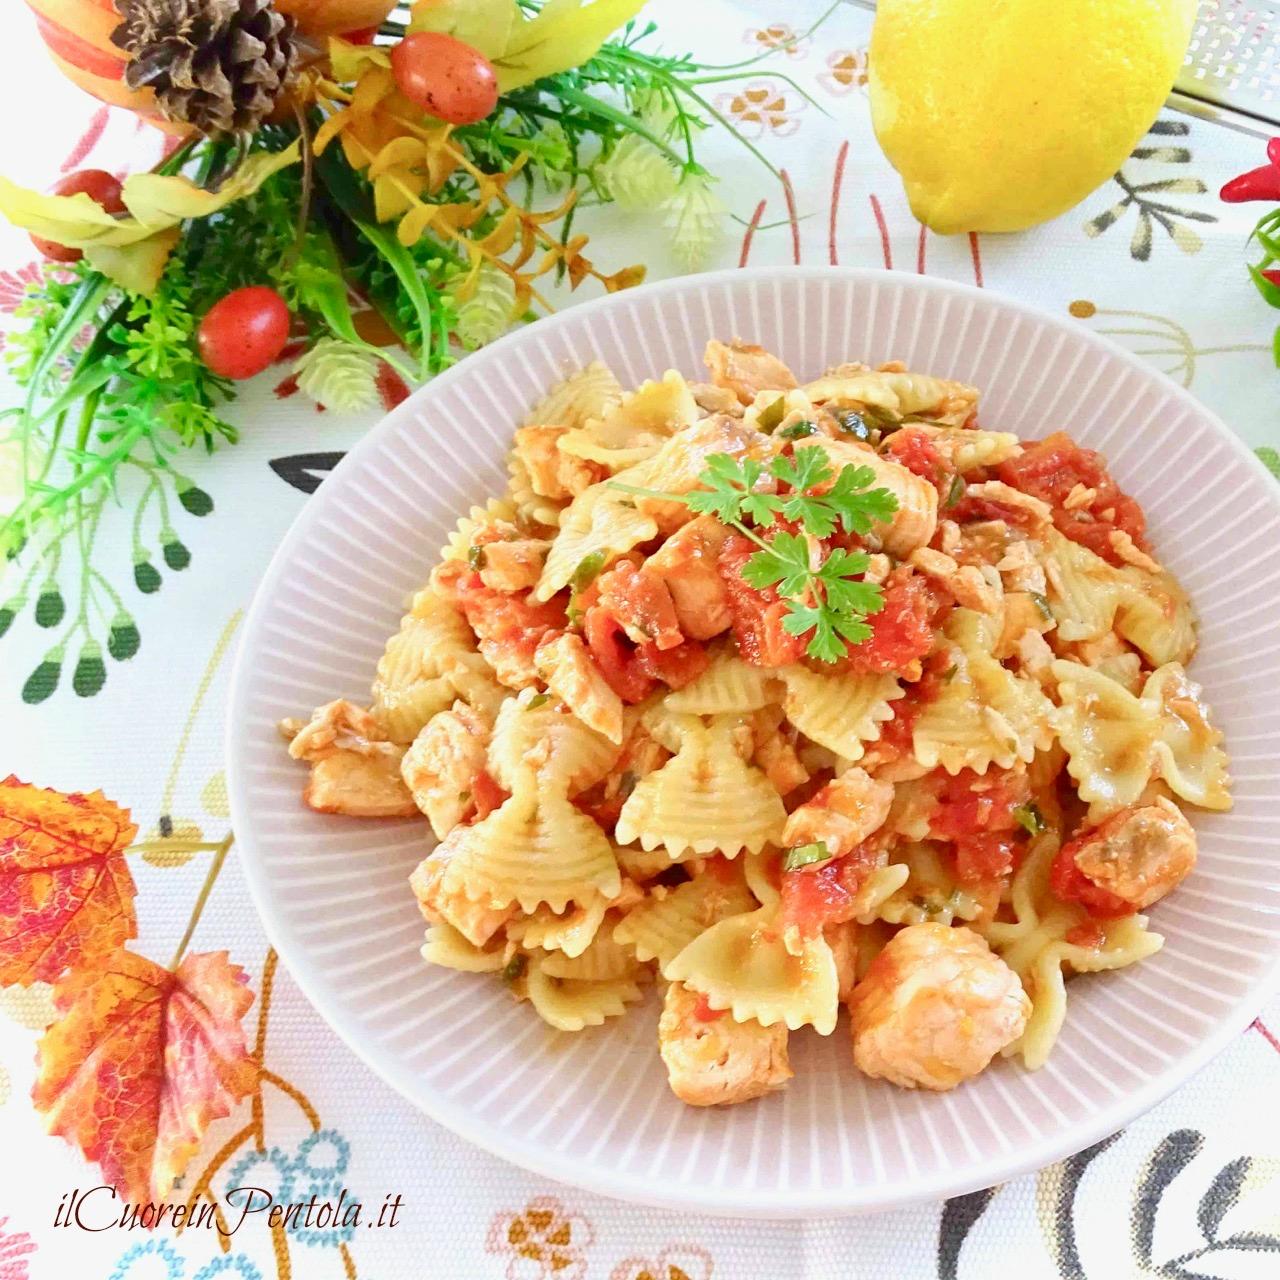 Pasta Con Salmone Fresco Ricetta Il Cuore In Pentola